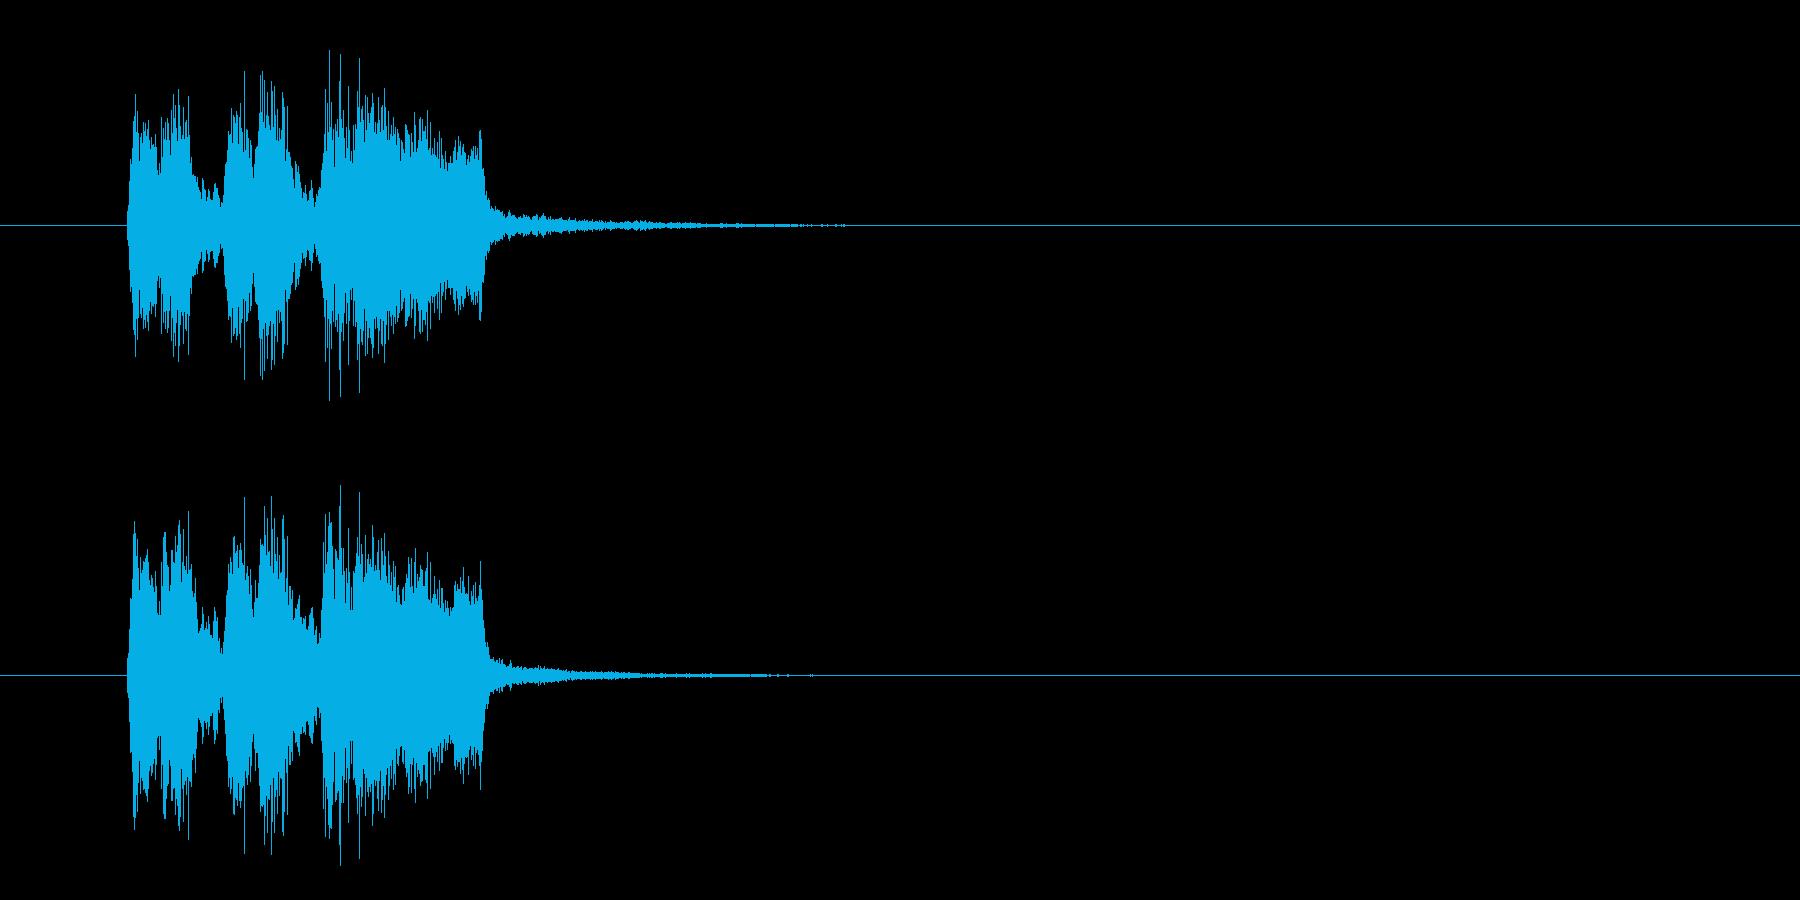 ジングル(シンプルなブラス)の再生済みの波形